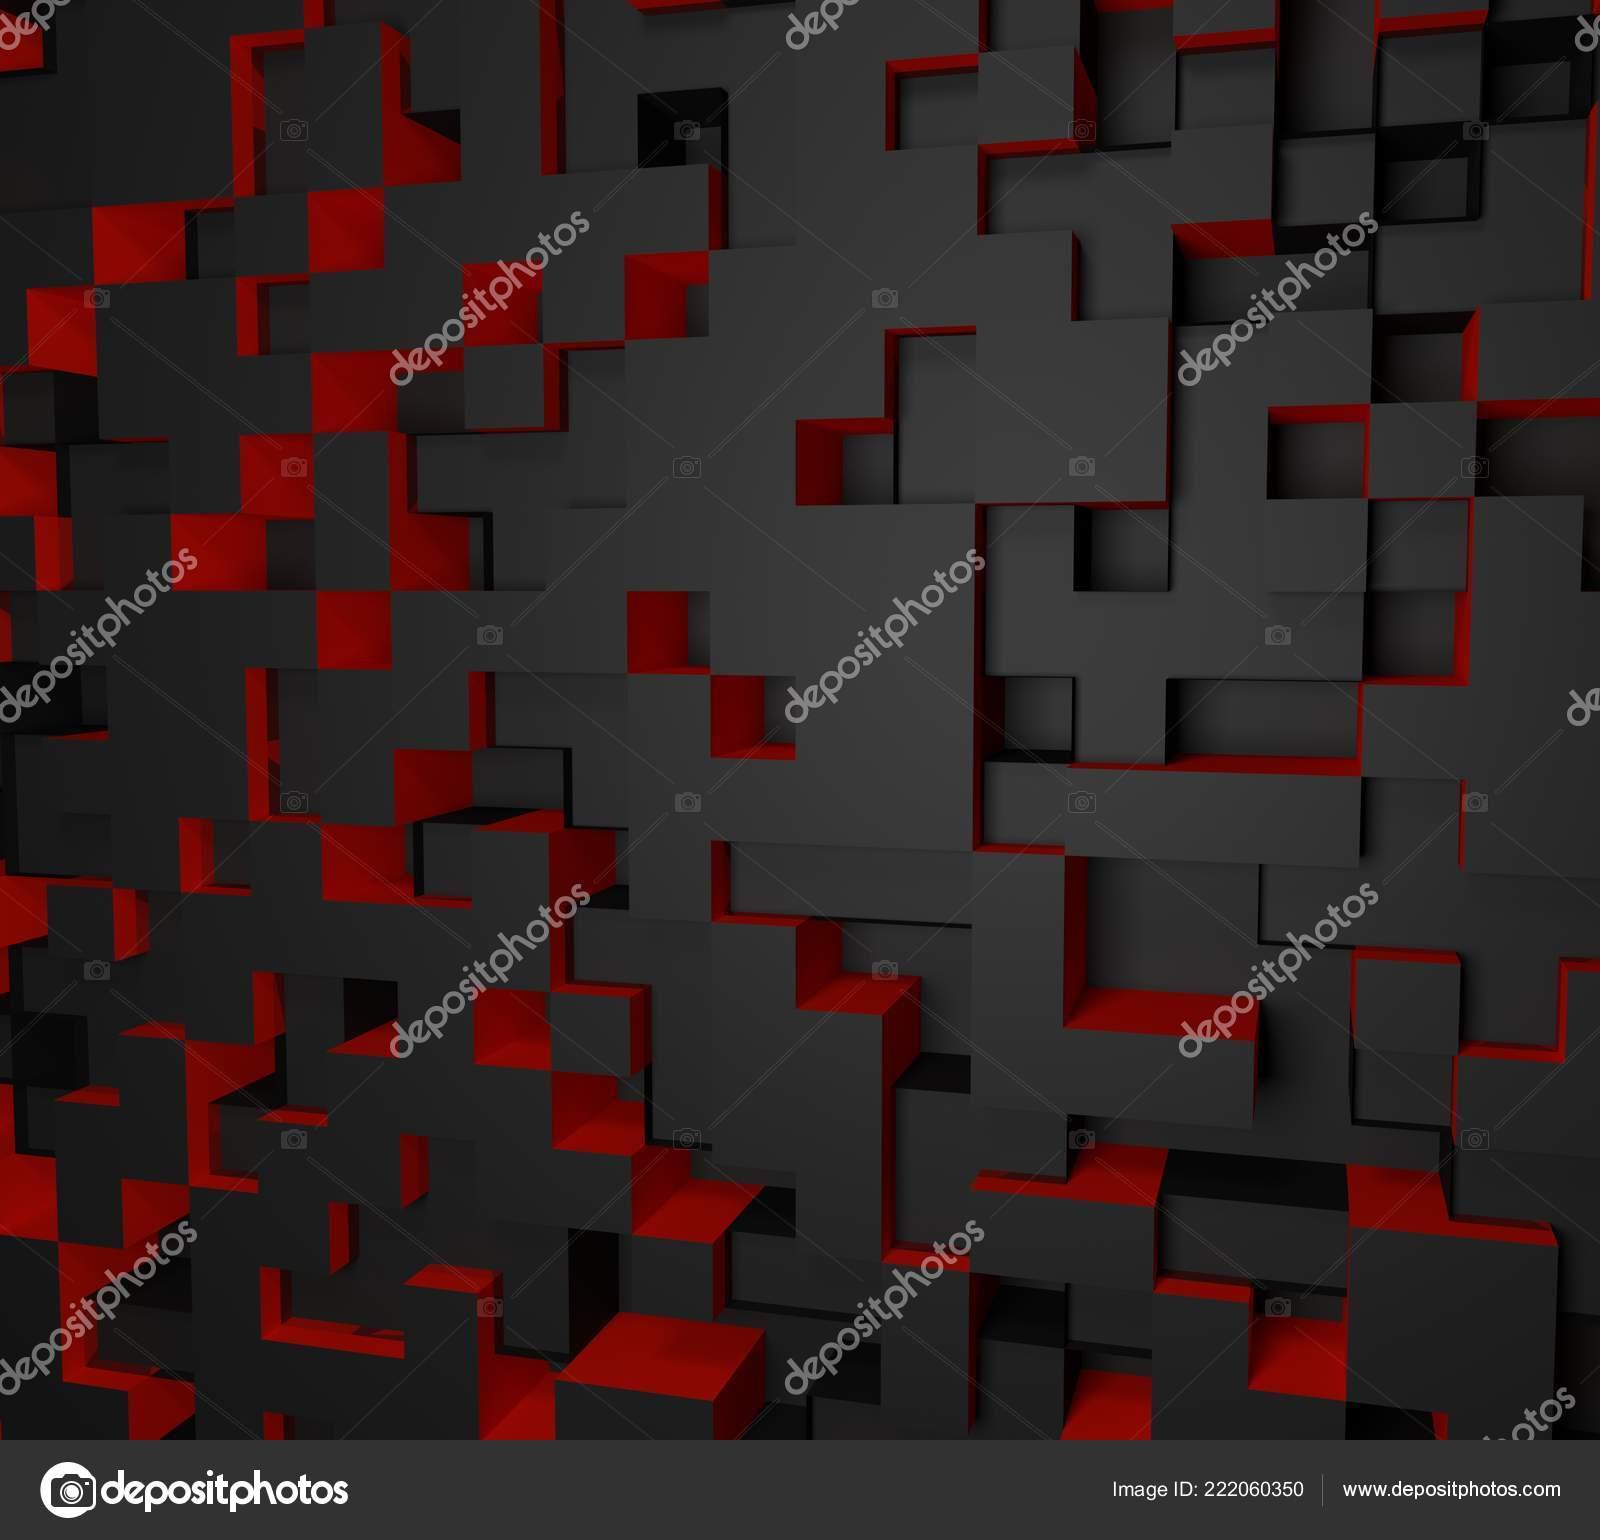 Download 500 Wallpaper 3d Red And Black  Terbaik